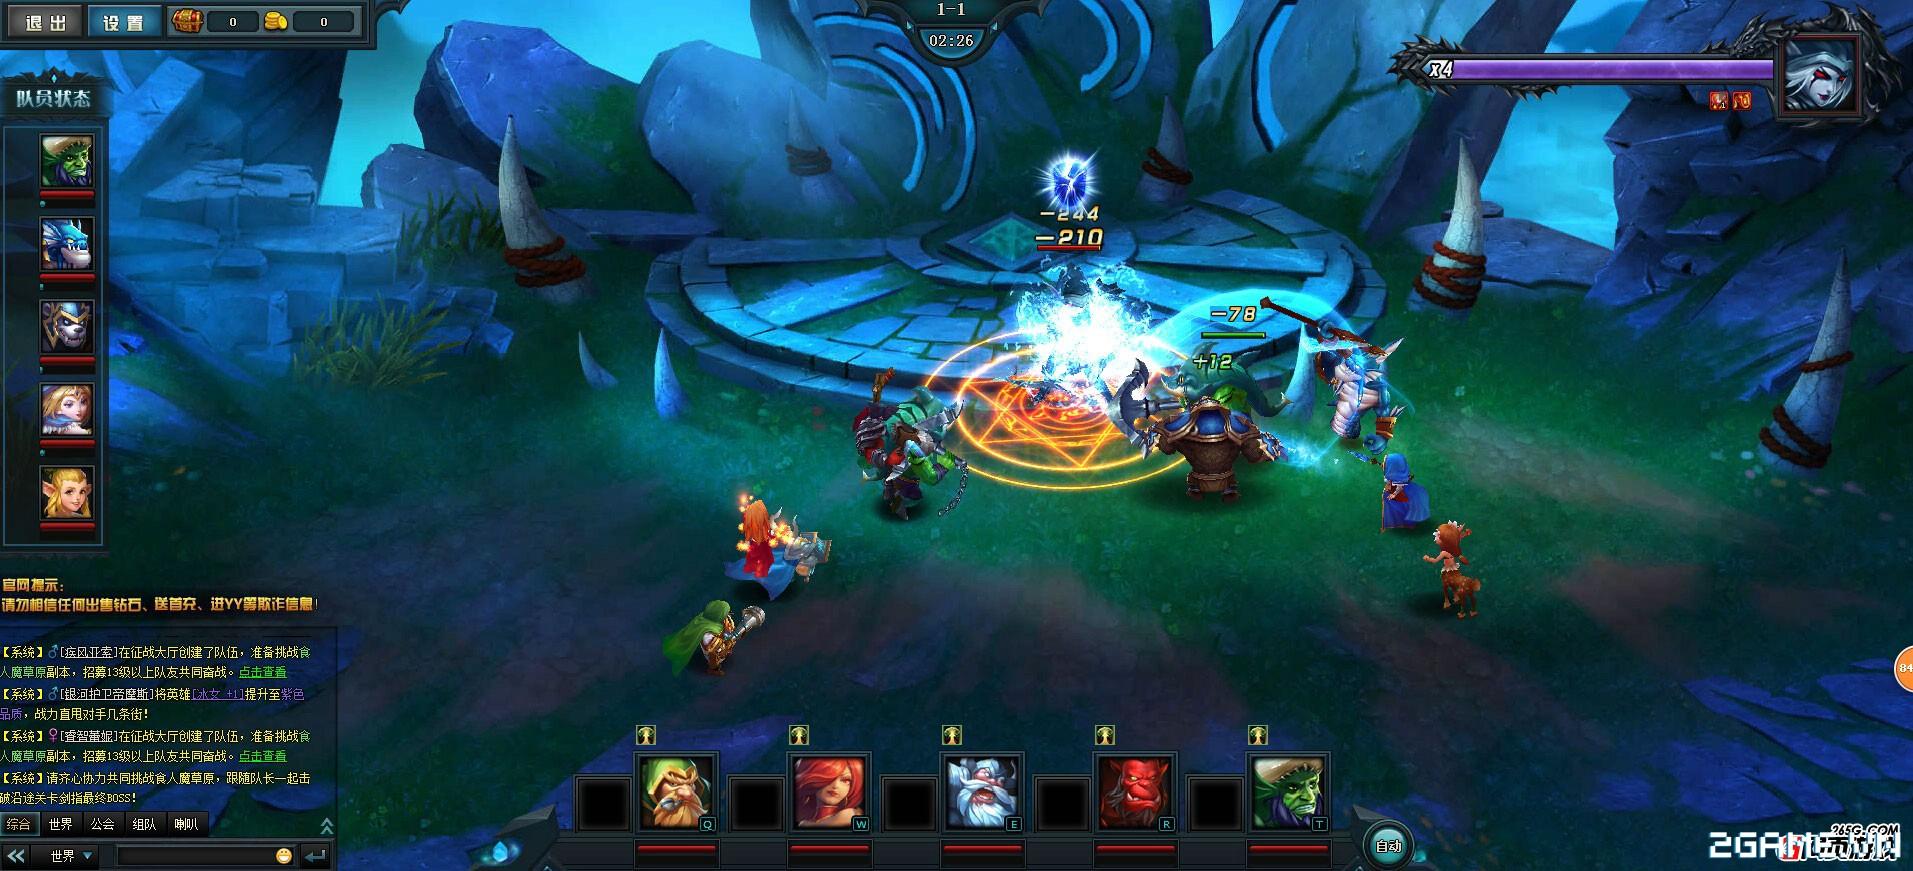 Webgame Đao Tháp Huyết Chiến - Tái hiện đấu trường DotA kiểu mới 5